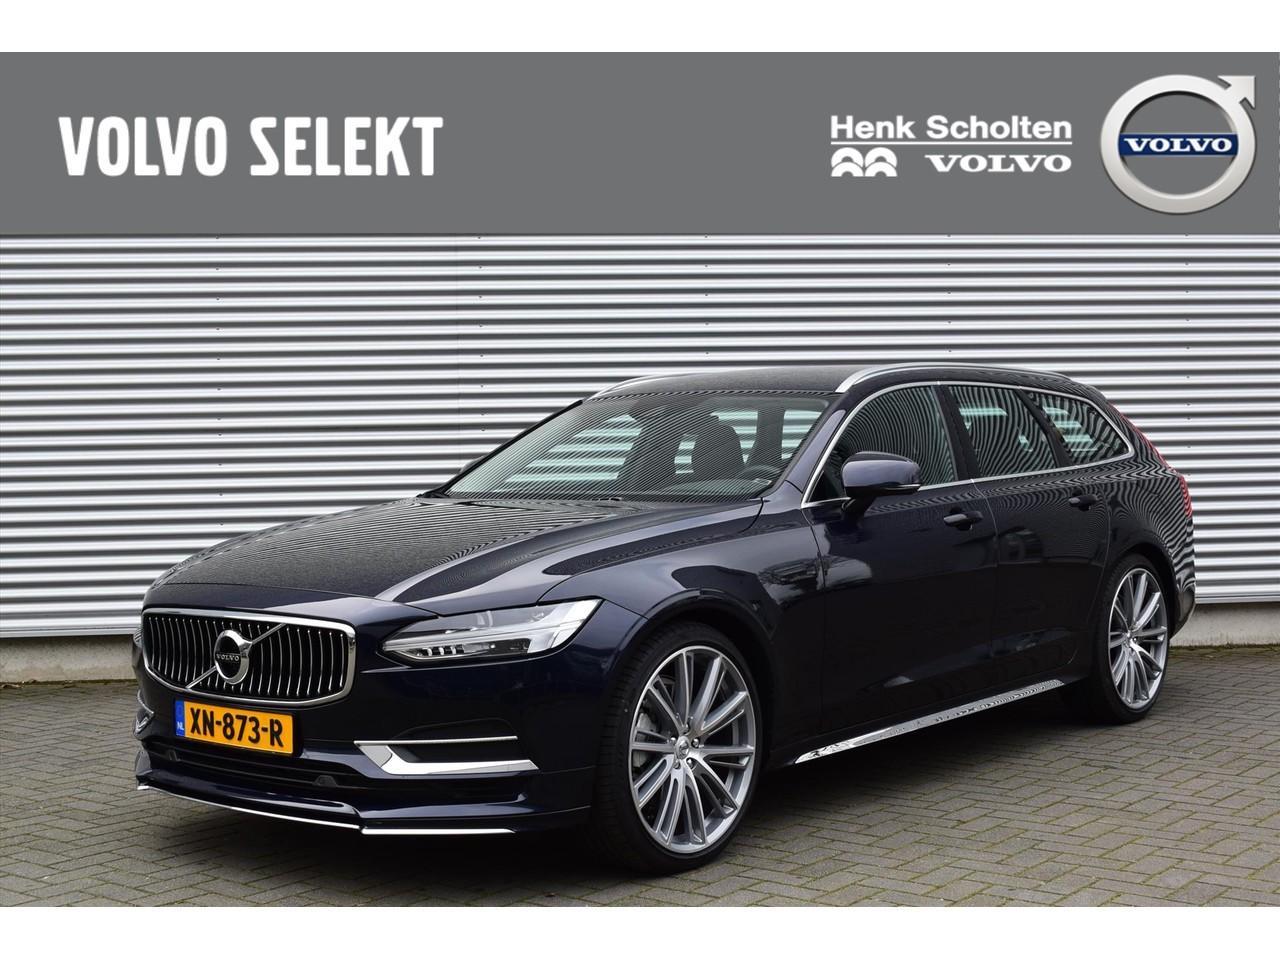 Volvo V90 T4 aut(8) momentum, styling kit ,21 inch, leder